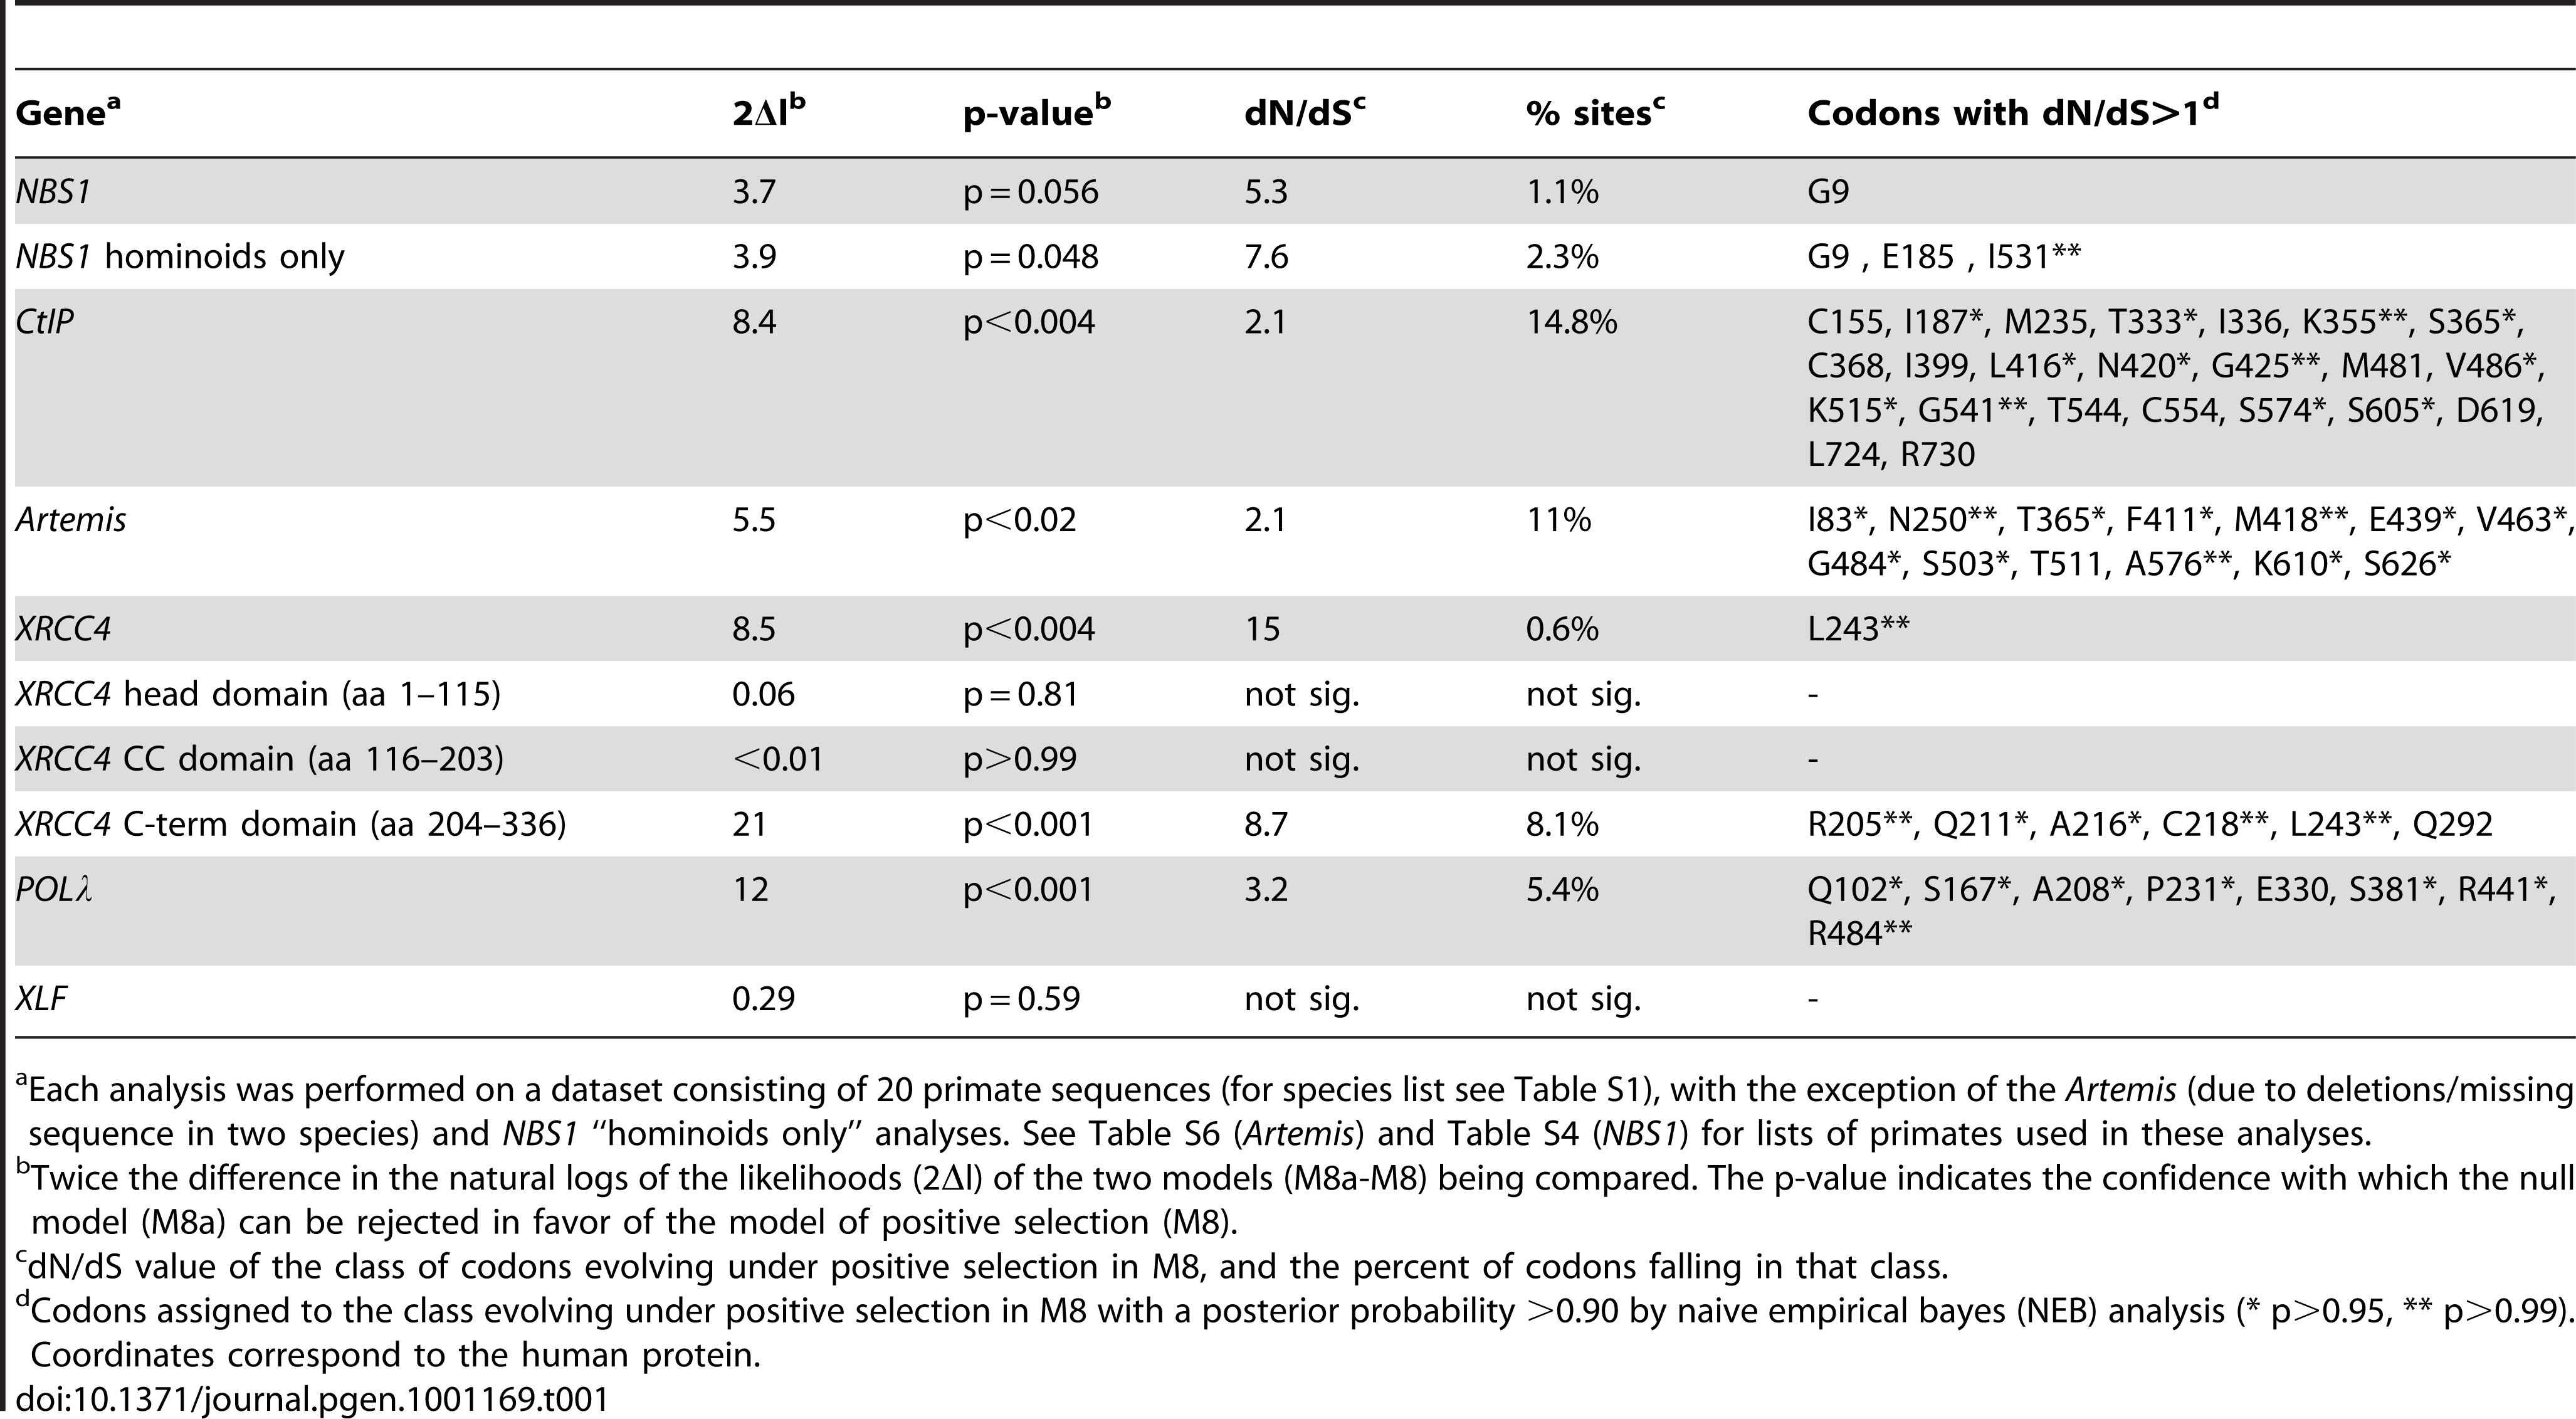 PAML analysis of primate NHEJ genes.